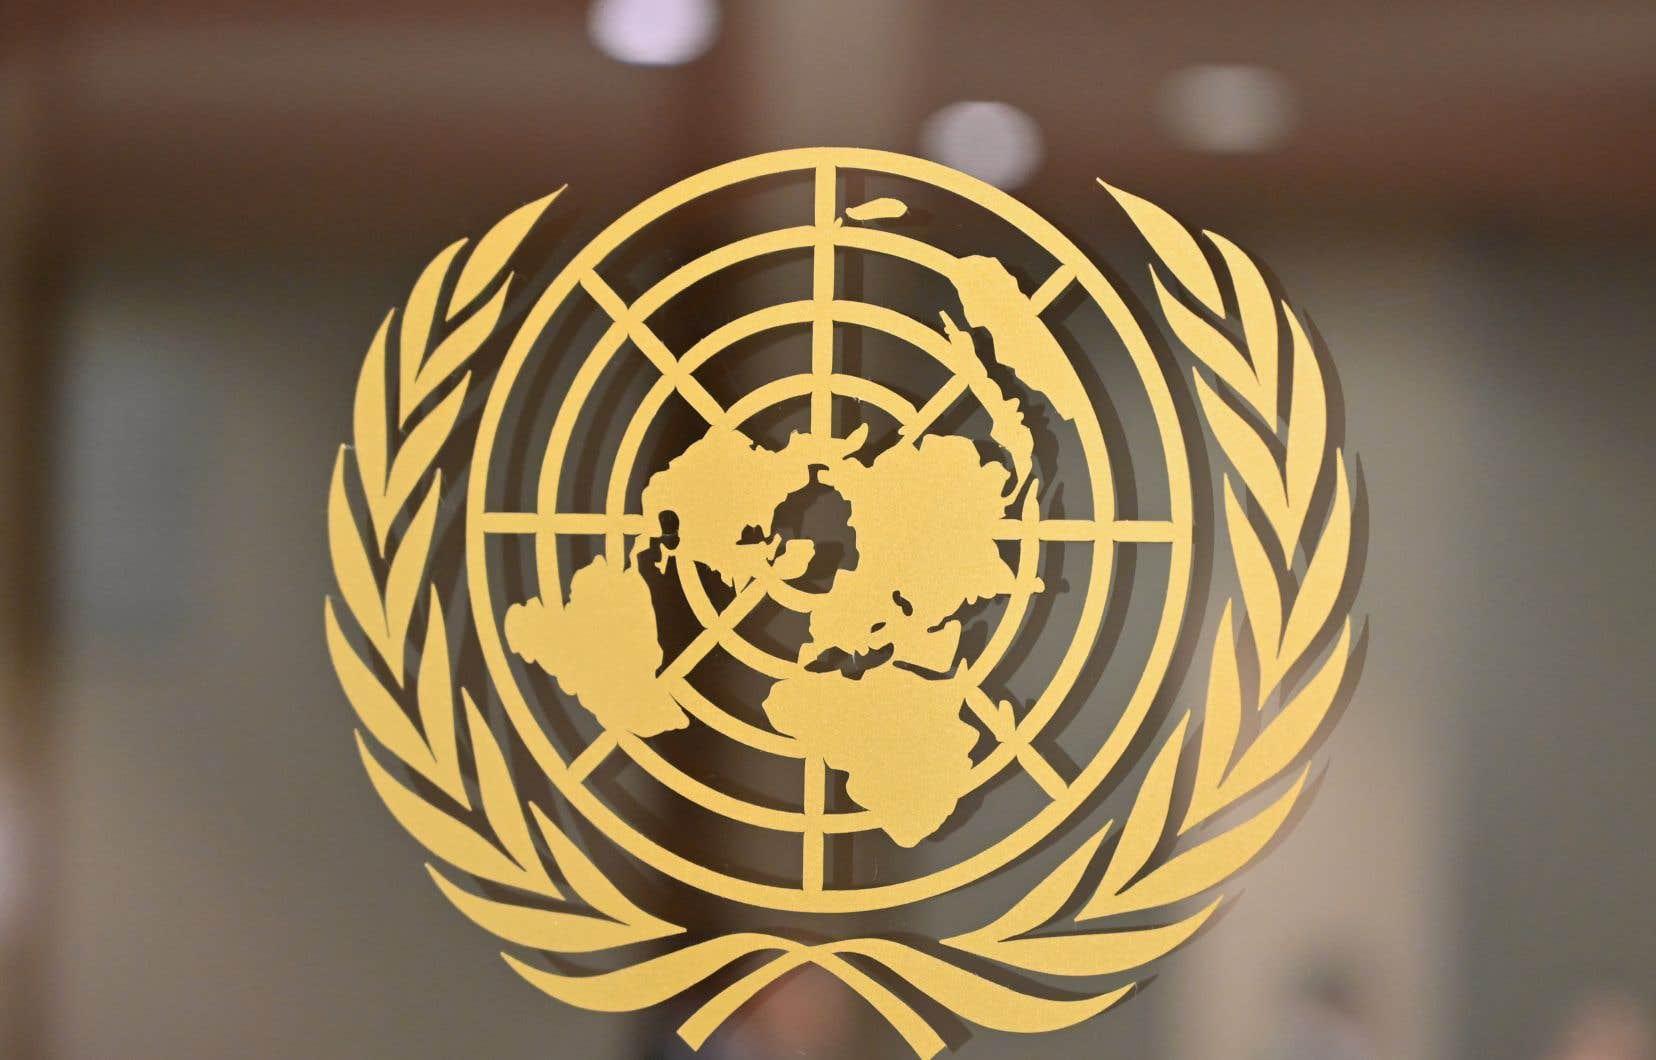 Les ambassadeurs de la France, de l'Allemagne et de la Grande-Bretagne à l'ONU exhortent le secrétaire général Antonio Guterres à informer le Conseil de sécurité dans son prochain rapport que l'activité de l'Iran en matière de missiles balistiques est «incompatible» avec une résolution approuvant l'accord nucléaire avec l'Iran en 2015.